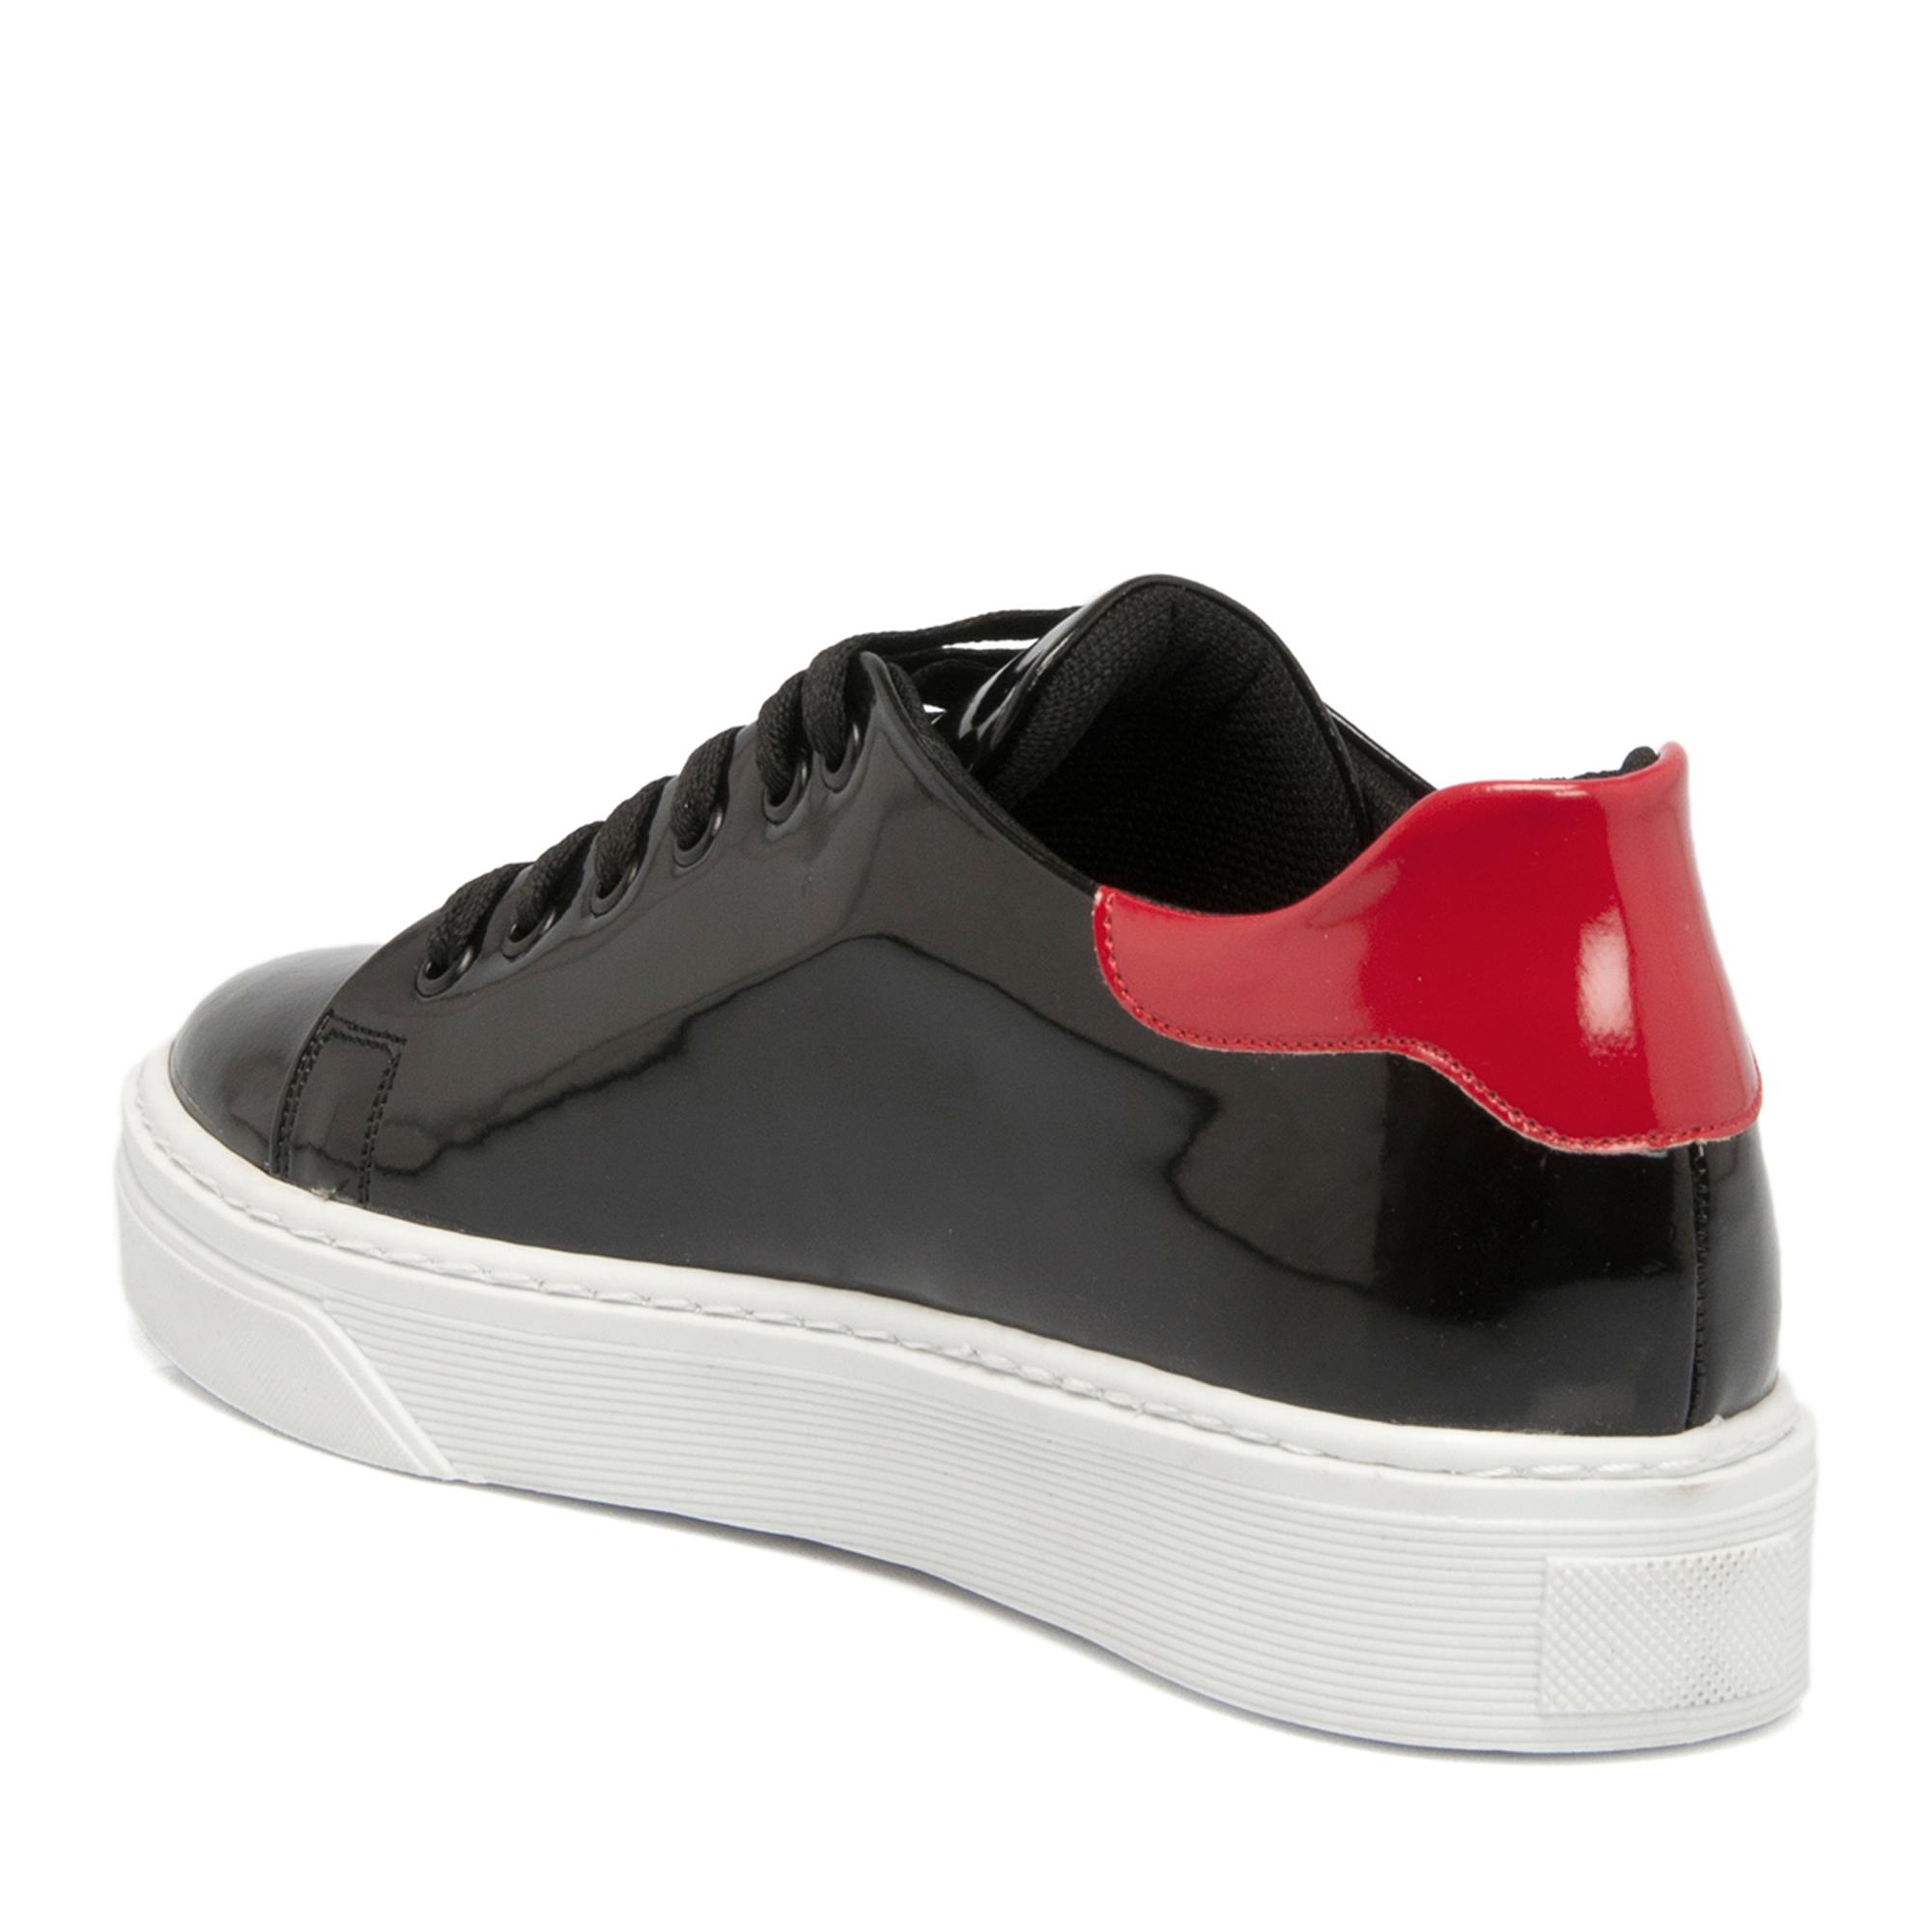 Siyah Tekstil Kadın Ayakkabı 64228D62